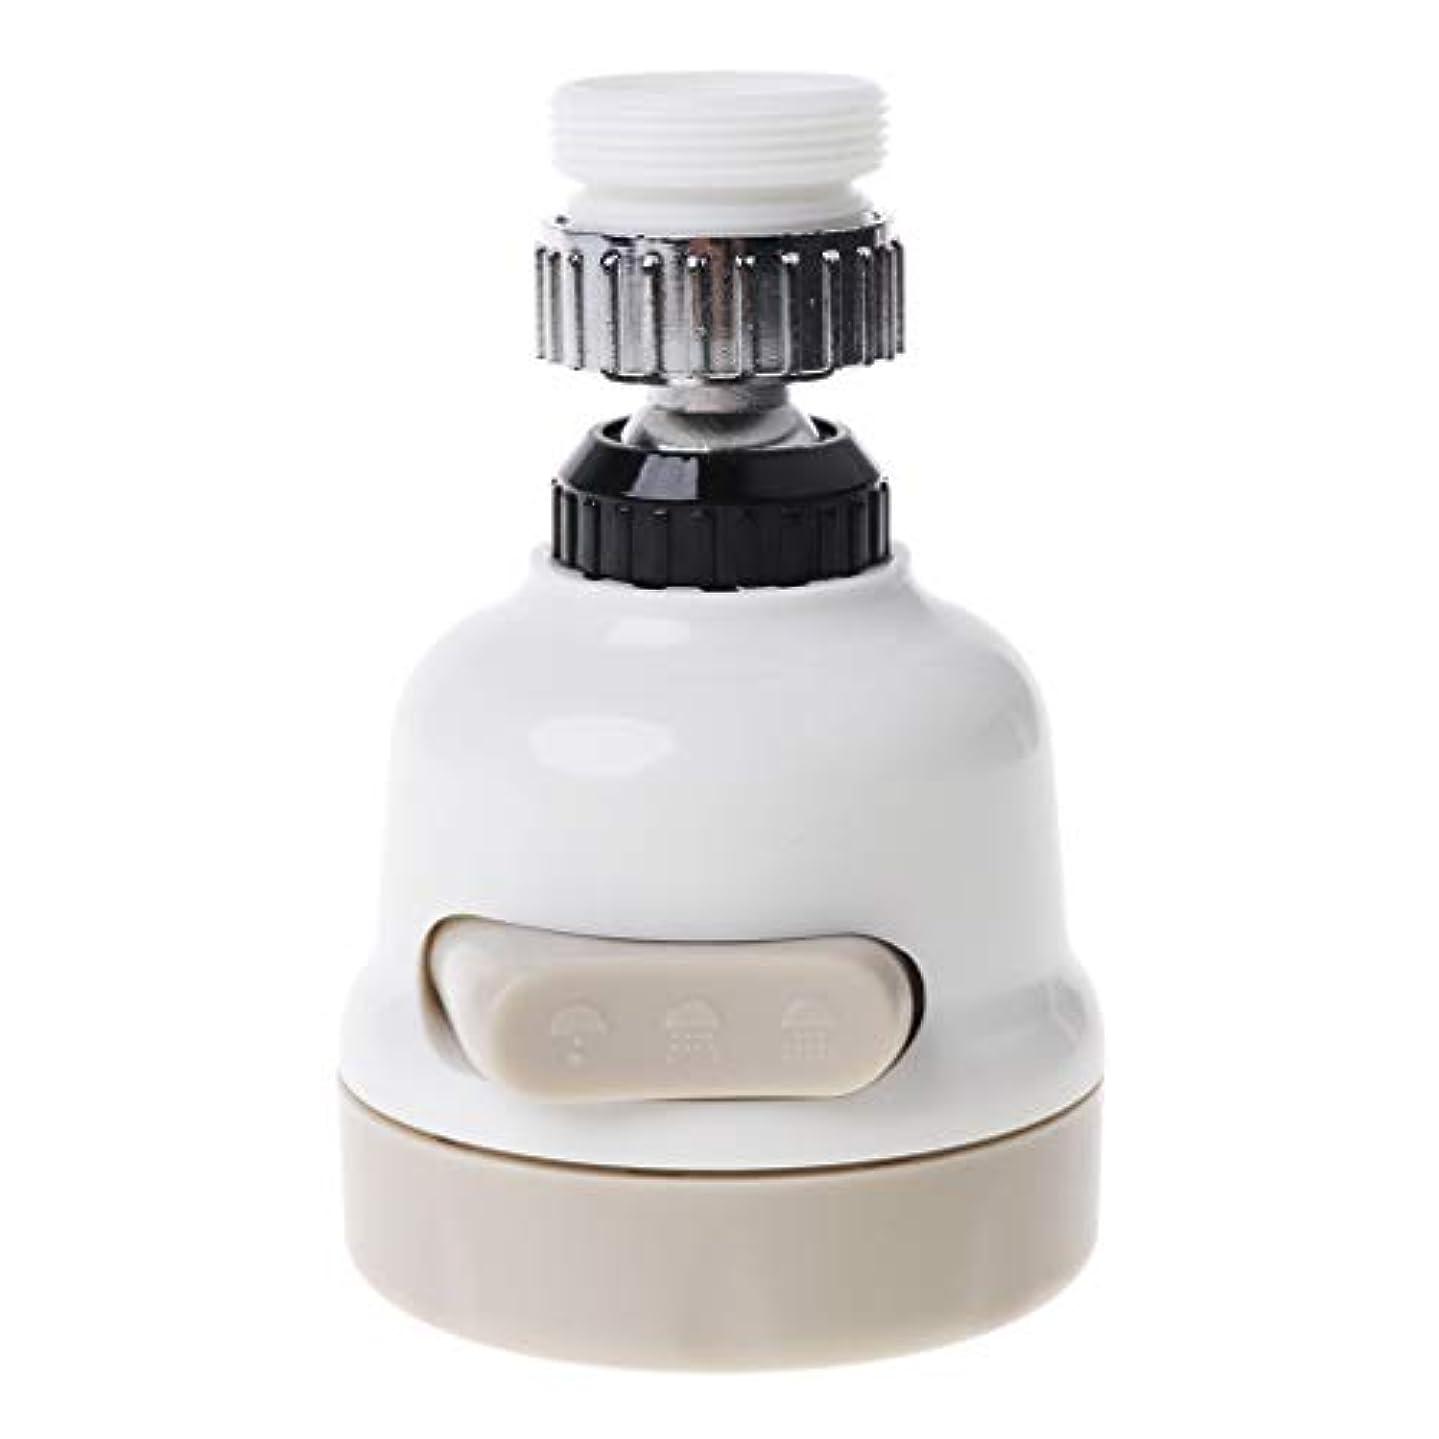 めまいを除くブロンズLamdoo360?回転蛇口フィルターアダプター節水タップディフューザーバスルームキッチン